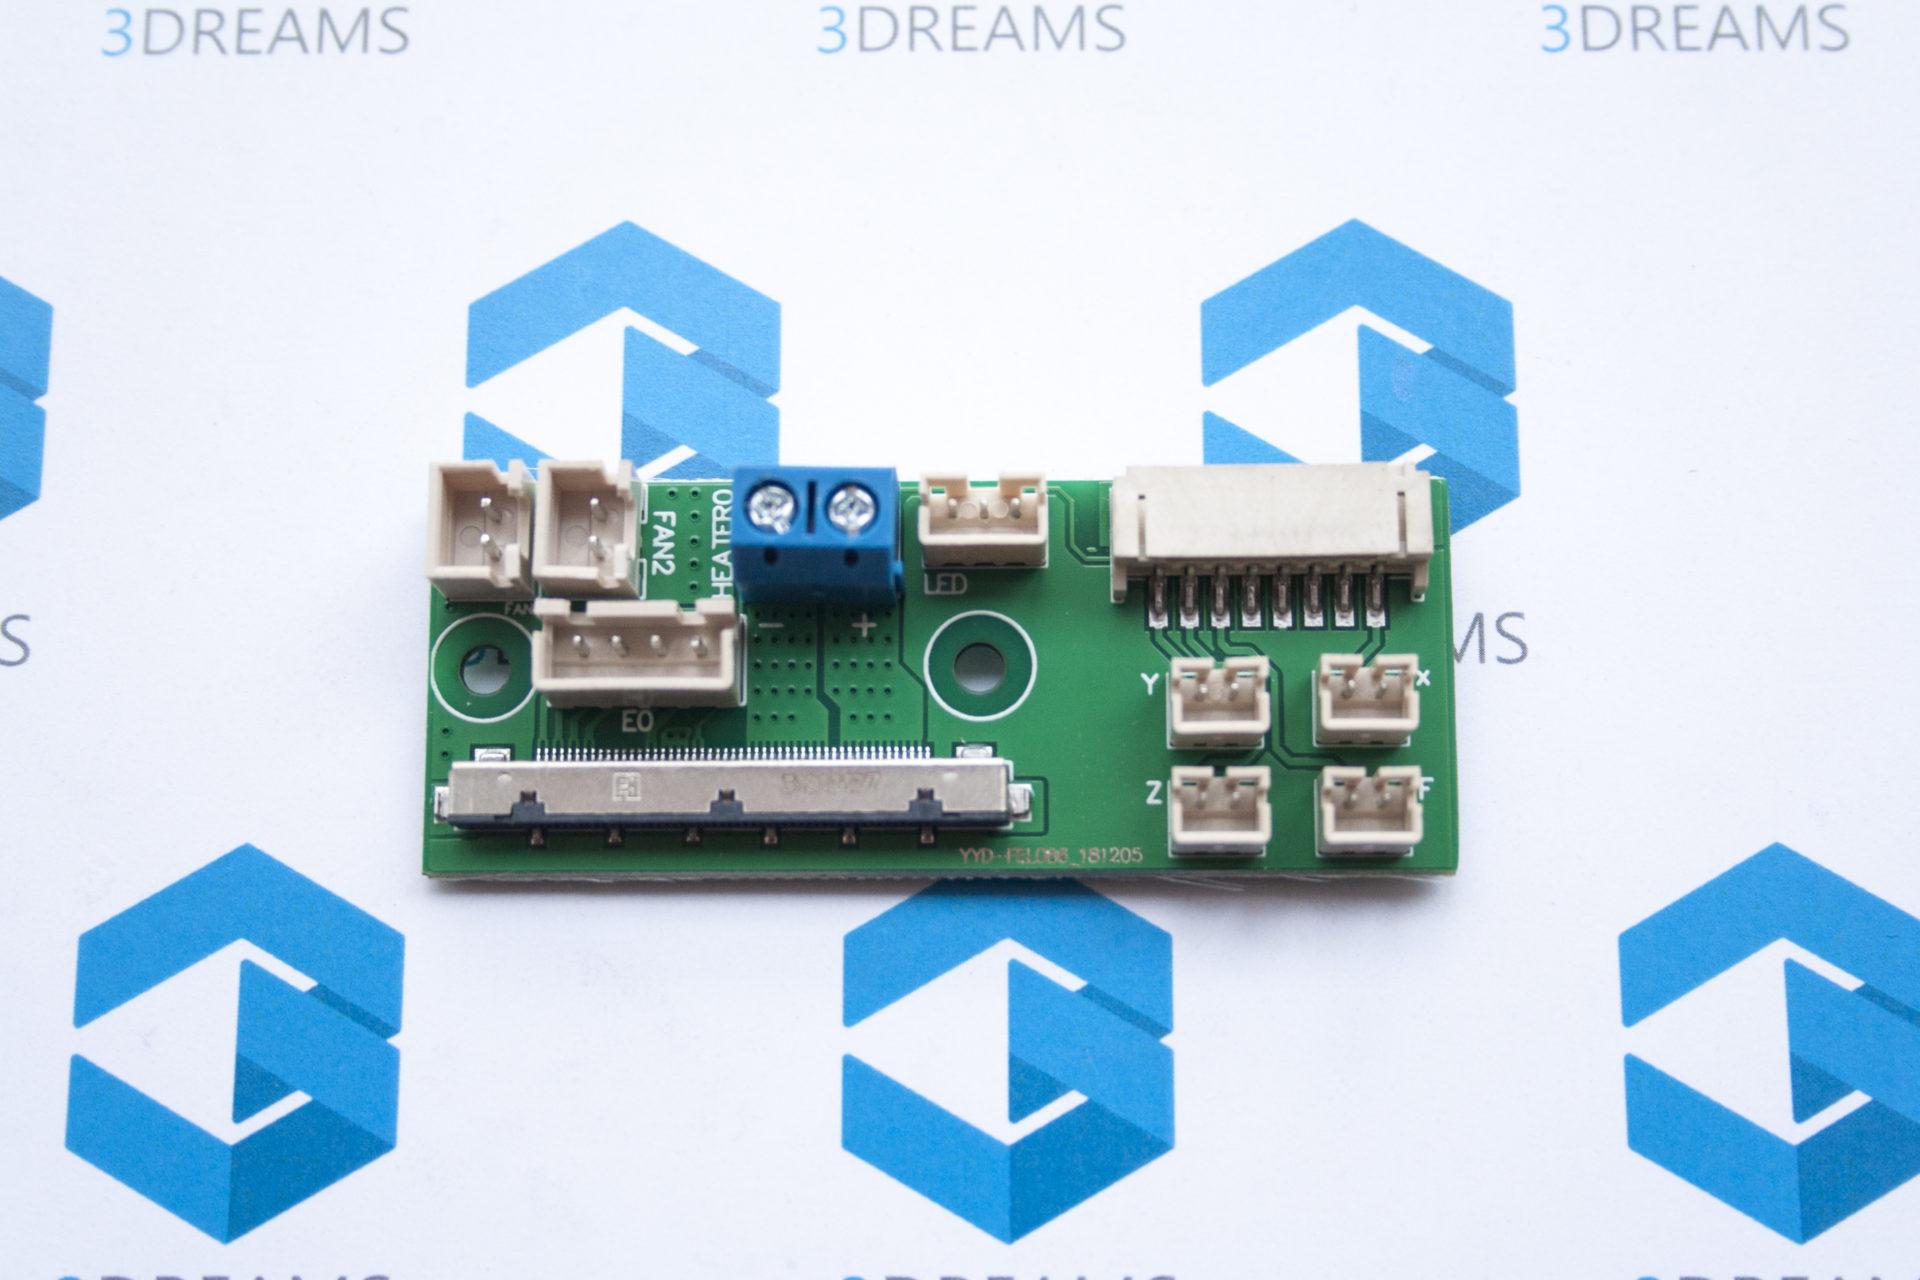 Нижняя переходная плата (splitter board) для 3D принтера Anycubic 4Max Pro купить украина 1